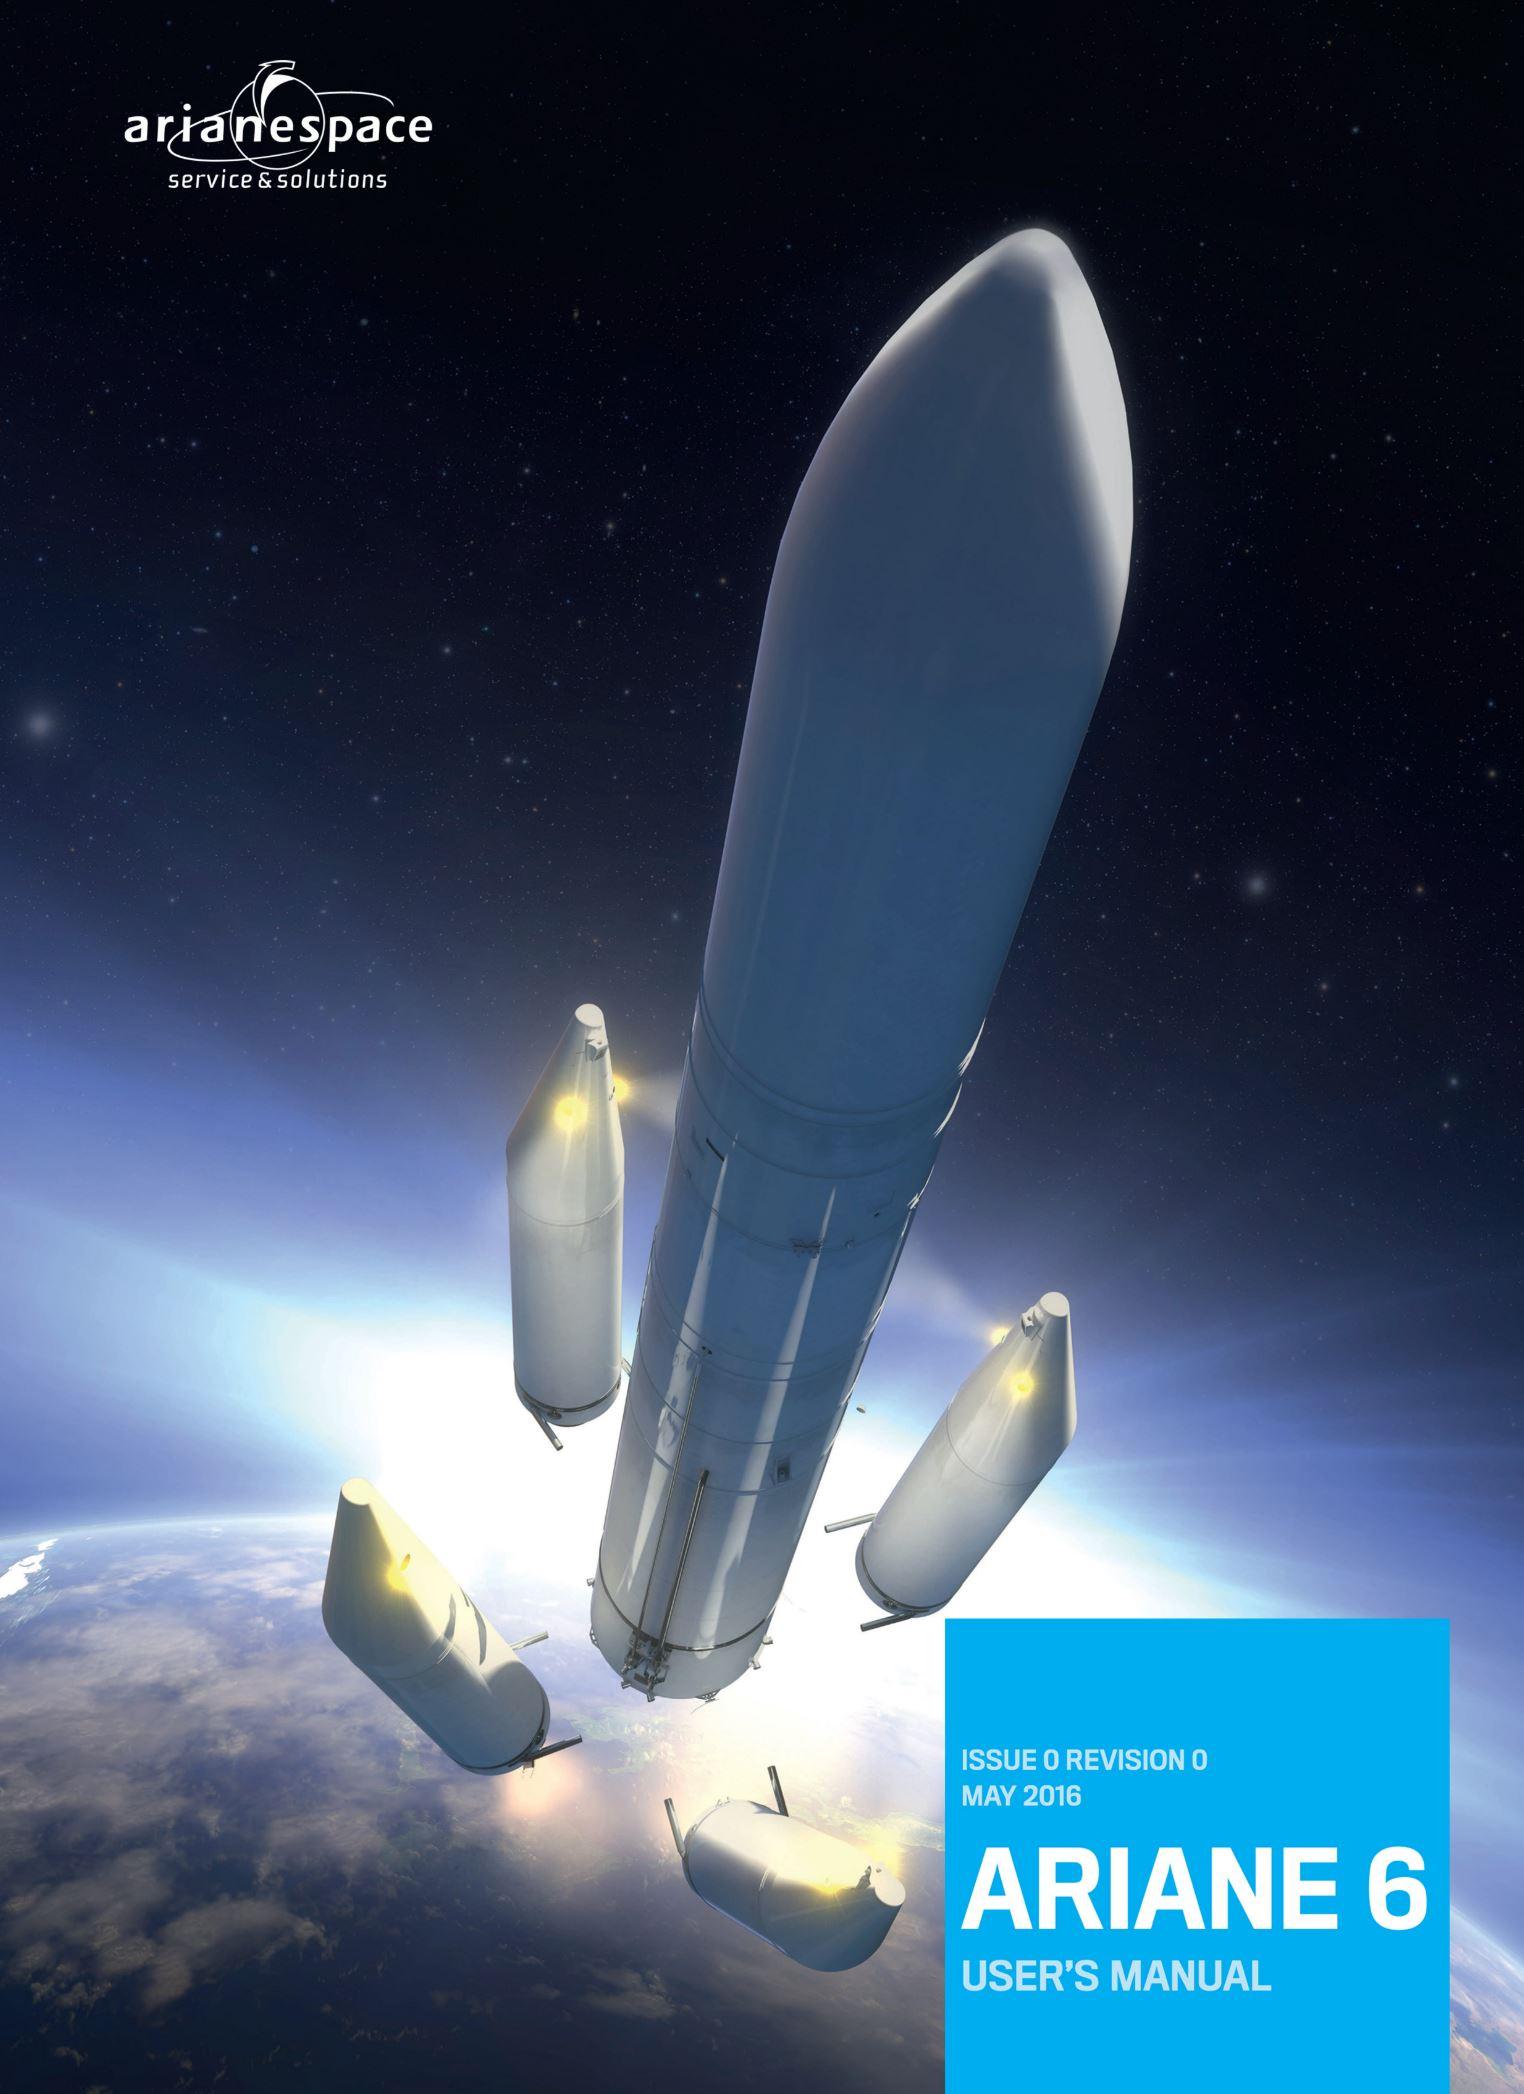 Ariane 6 launch render (Arianespace)